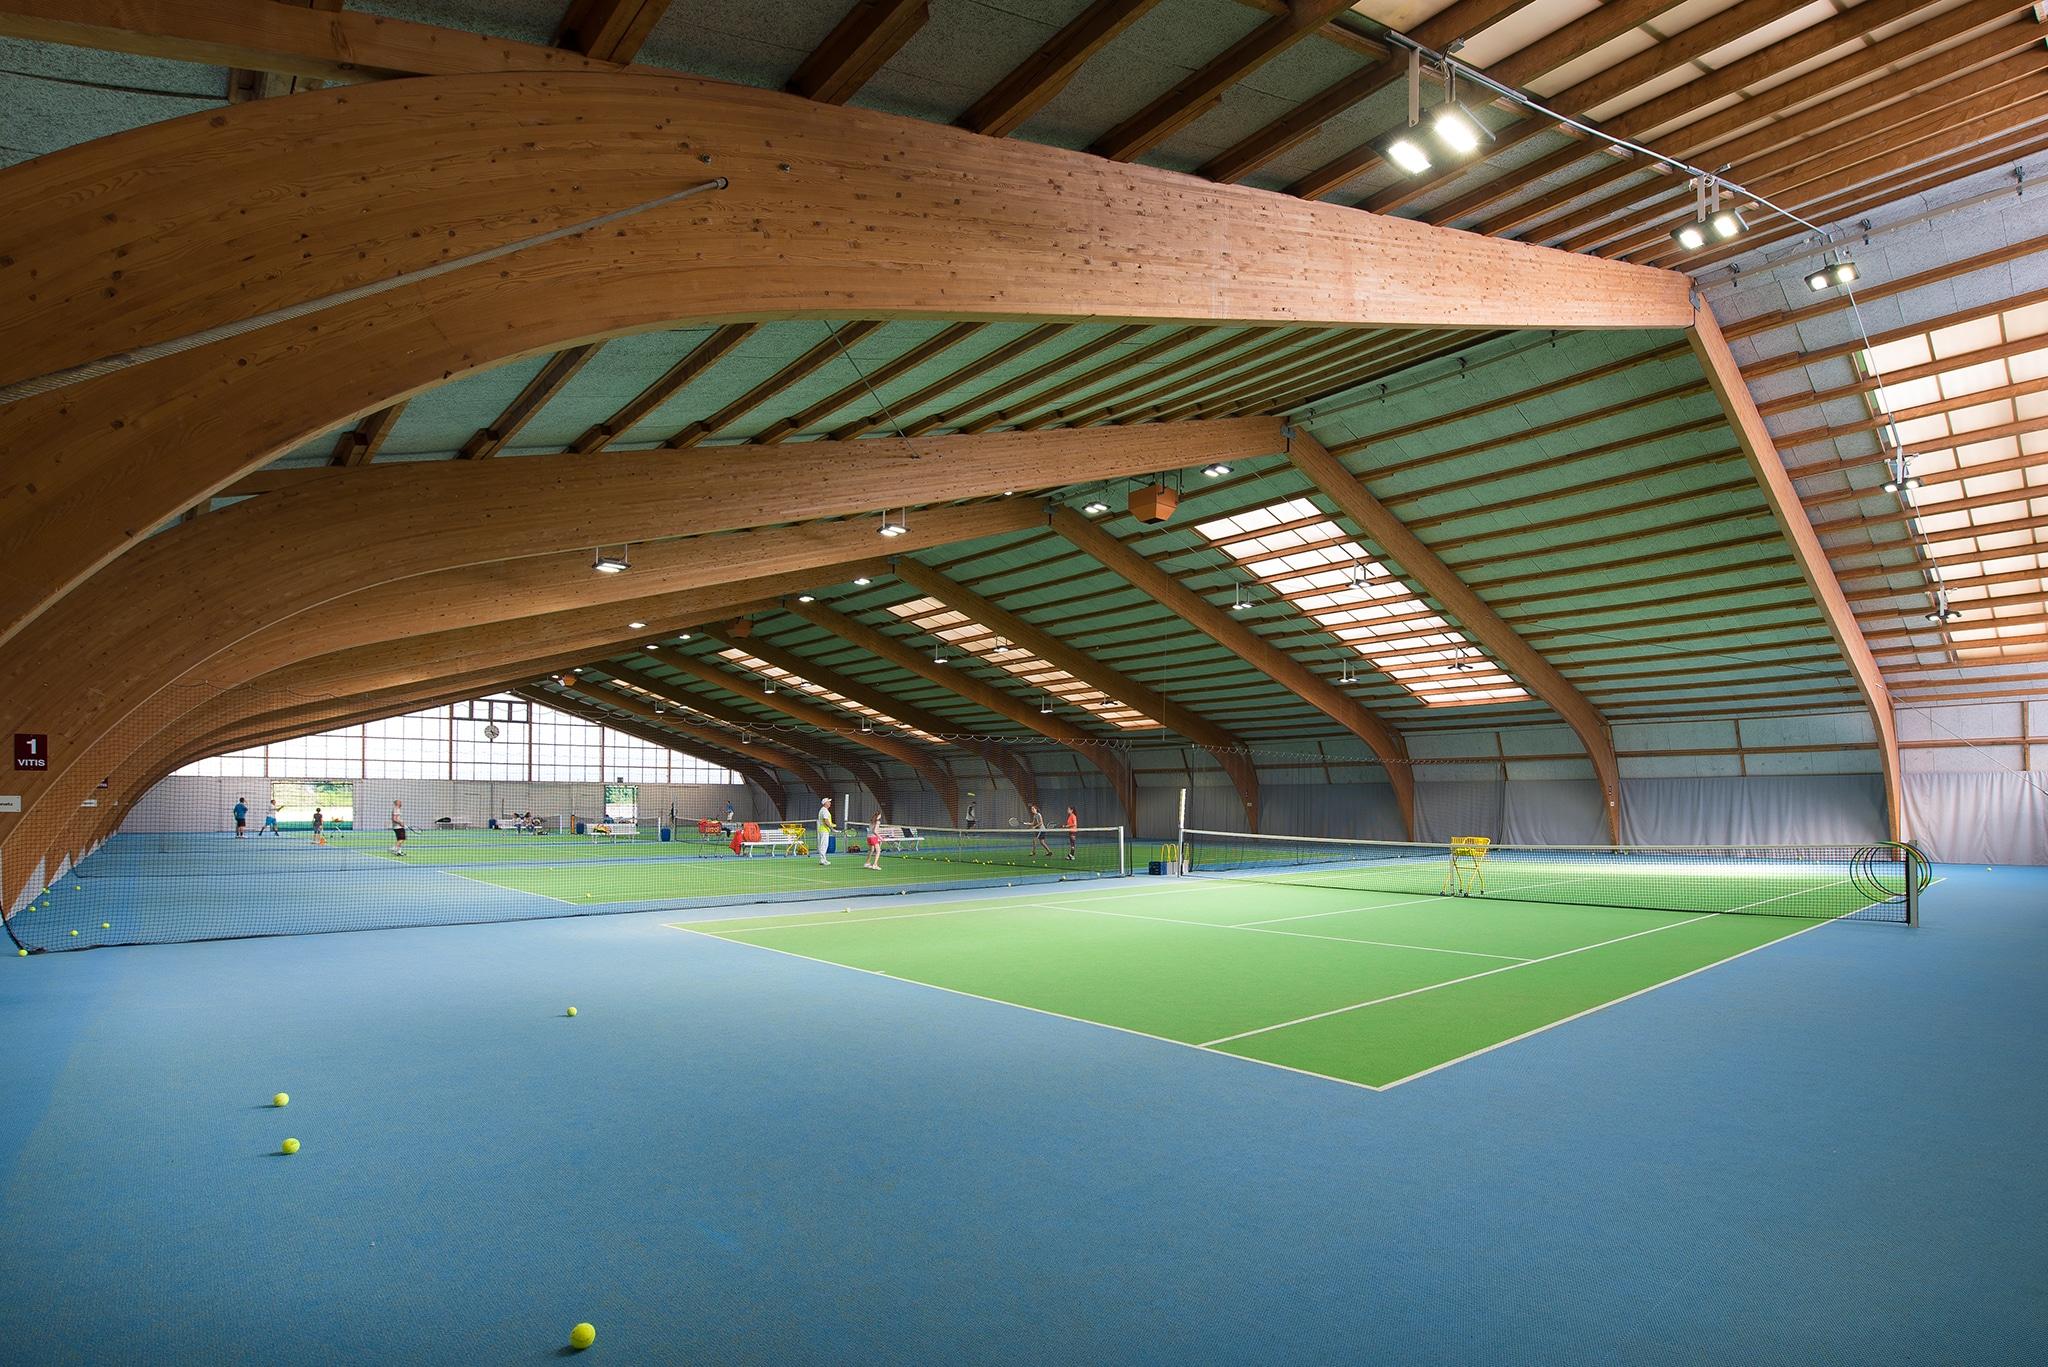 Bild der Tennishalle im Vitis Sportcenter in Schlieren